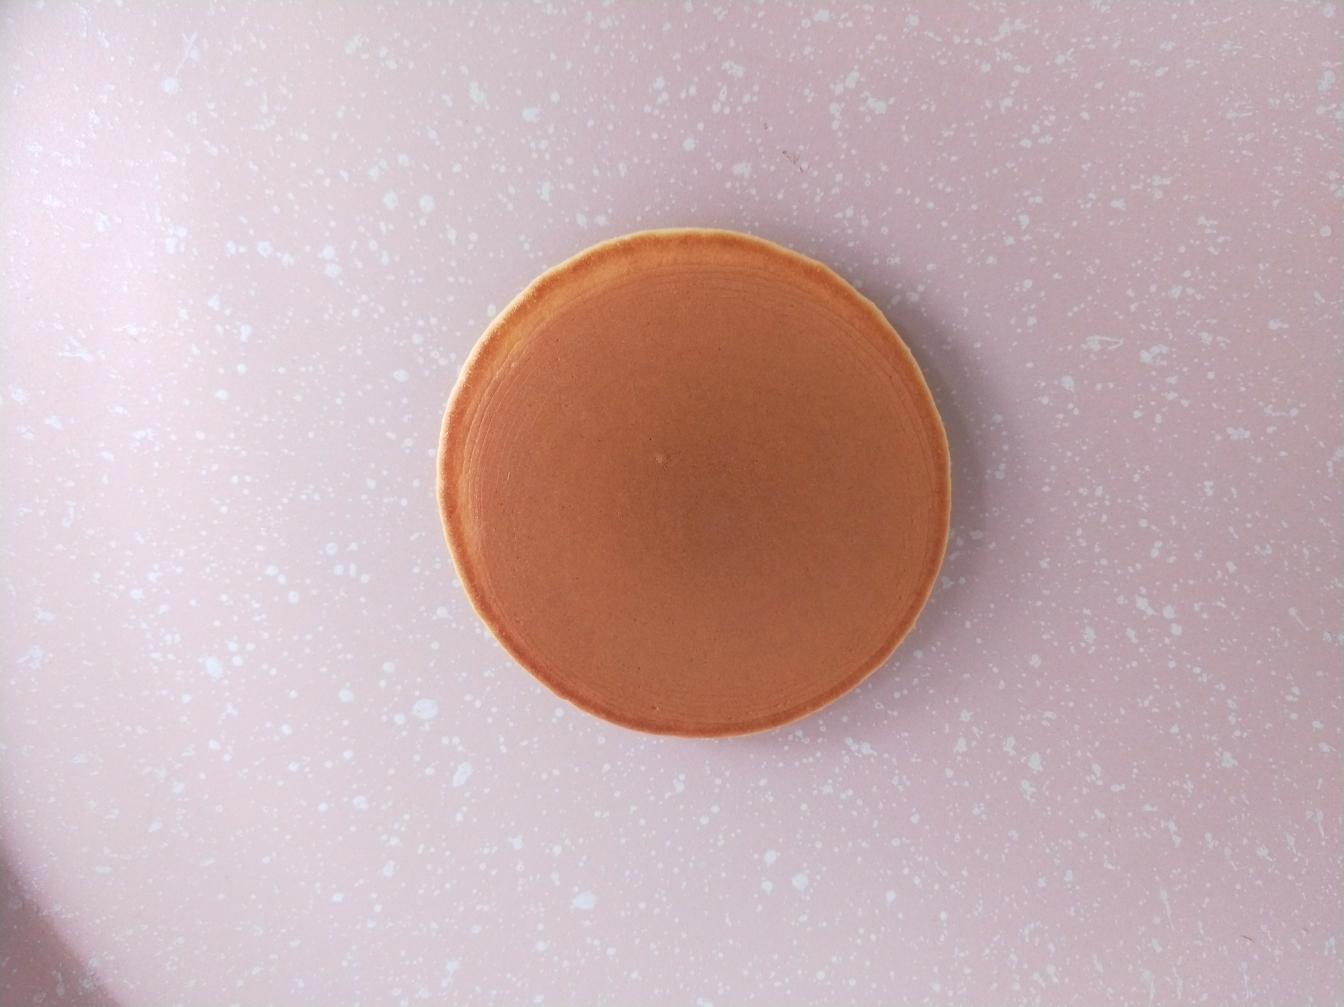 """铜锣烧(印花版),翻面,颜色刚刚好,很漂亮,翻过来煎一分钟即可。如果翻过来颜色很浅,那下一个延长一点时间,如果糊了,就缩短时间,这个自己掌控。</p> <p>然后把锅子放在湿毛巾上,听到""""滋滋""""的声音,停留两秒,给锅子降降温,然后再烙第二个。"""